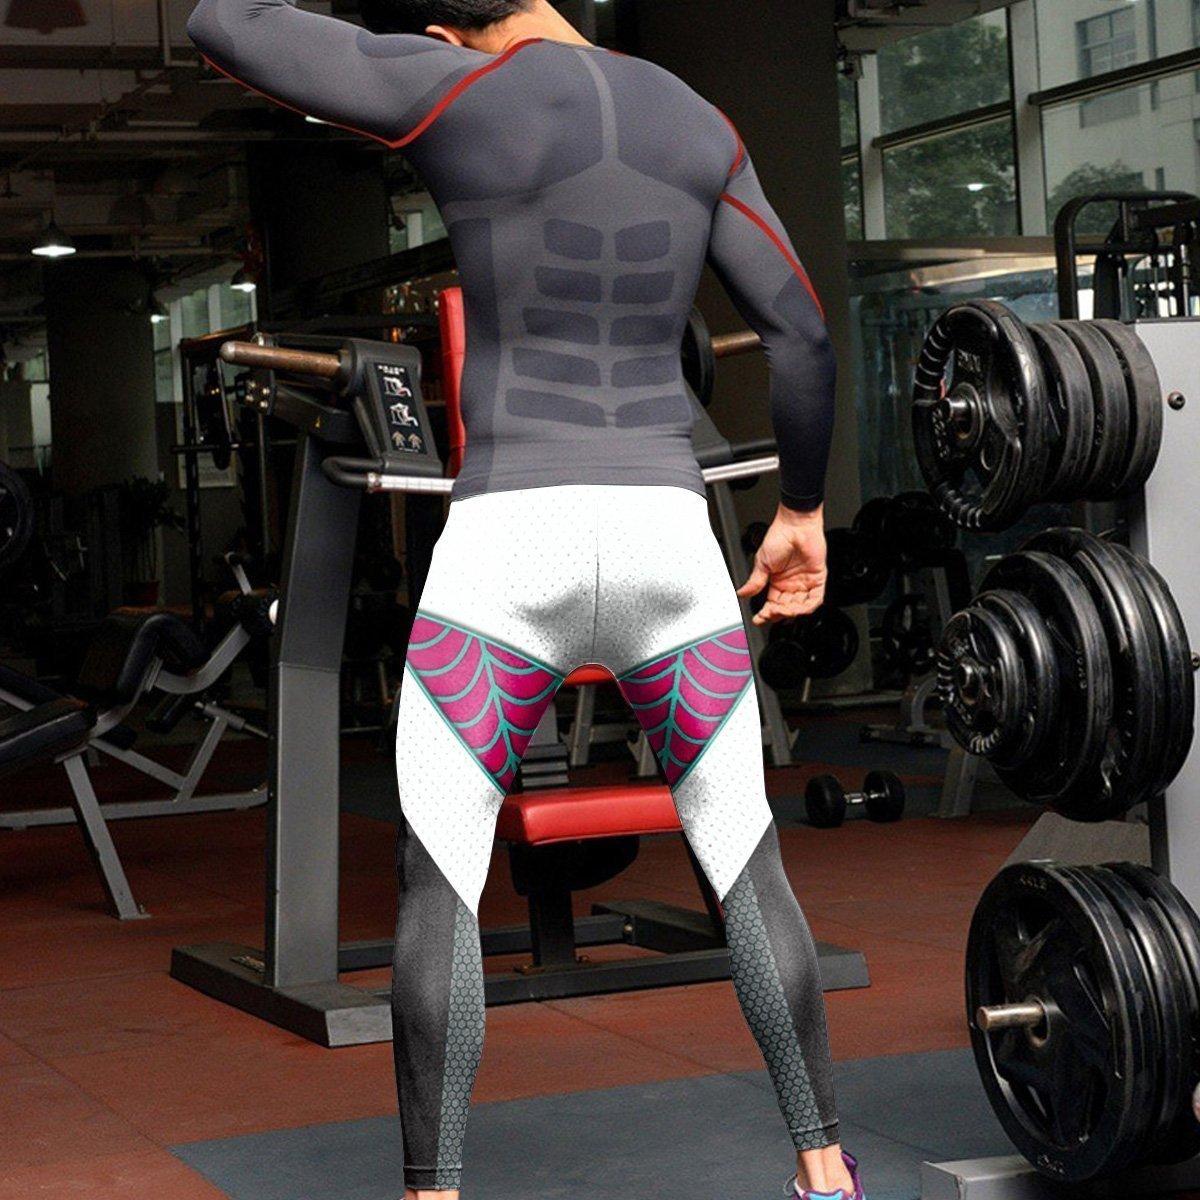 ghost spider unisex tights v2 569821 - Otaku Treat